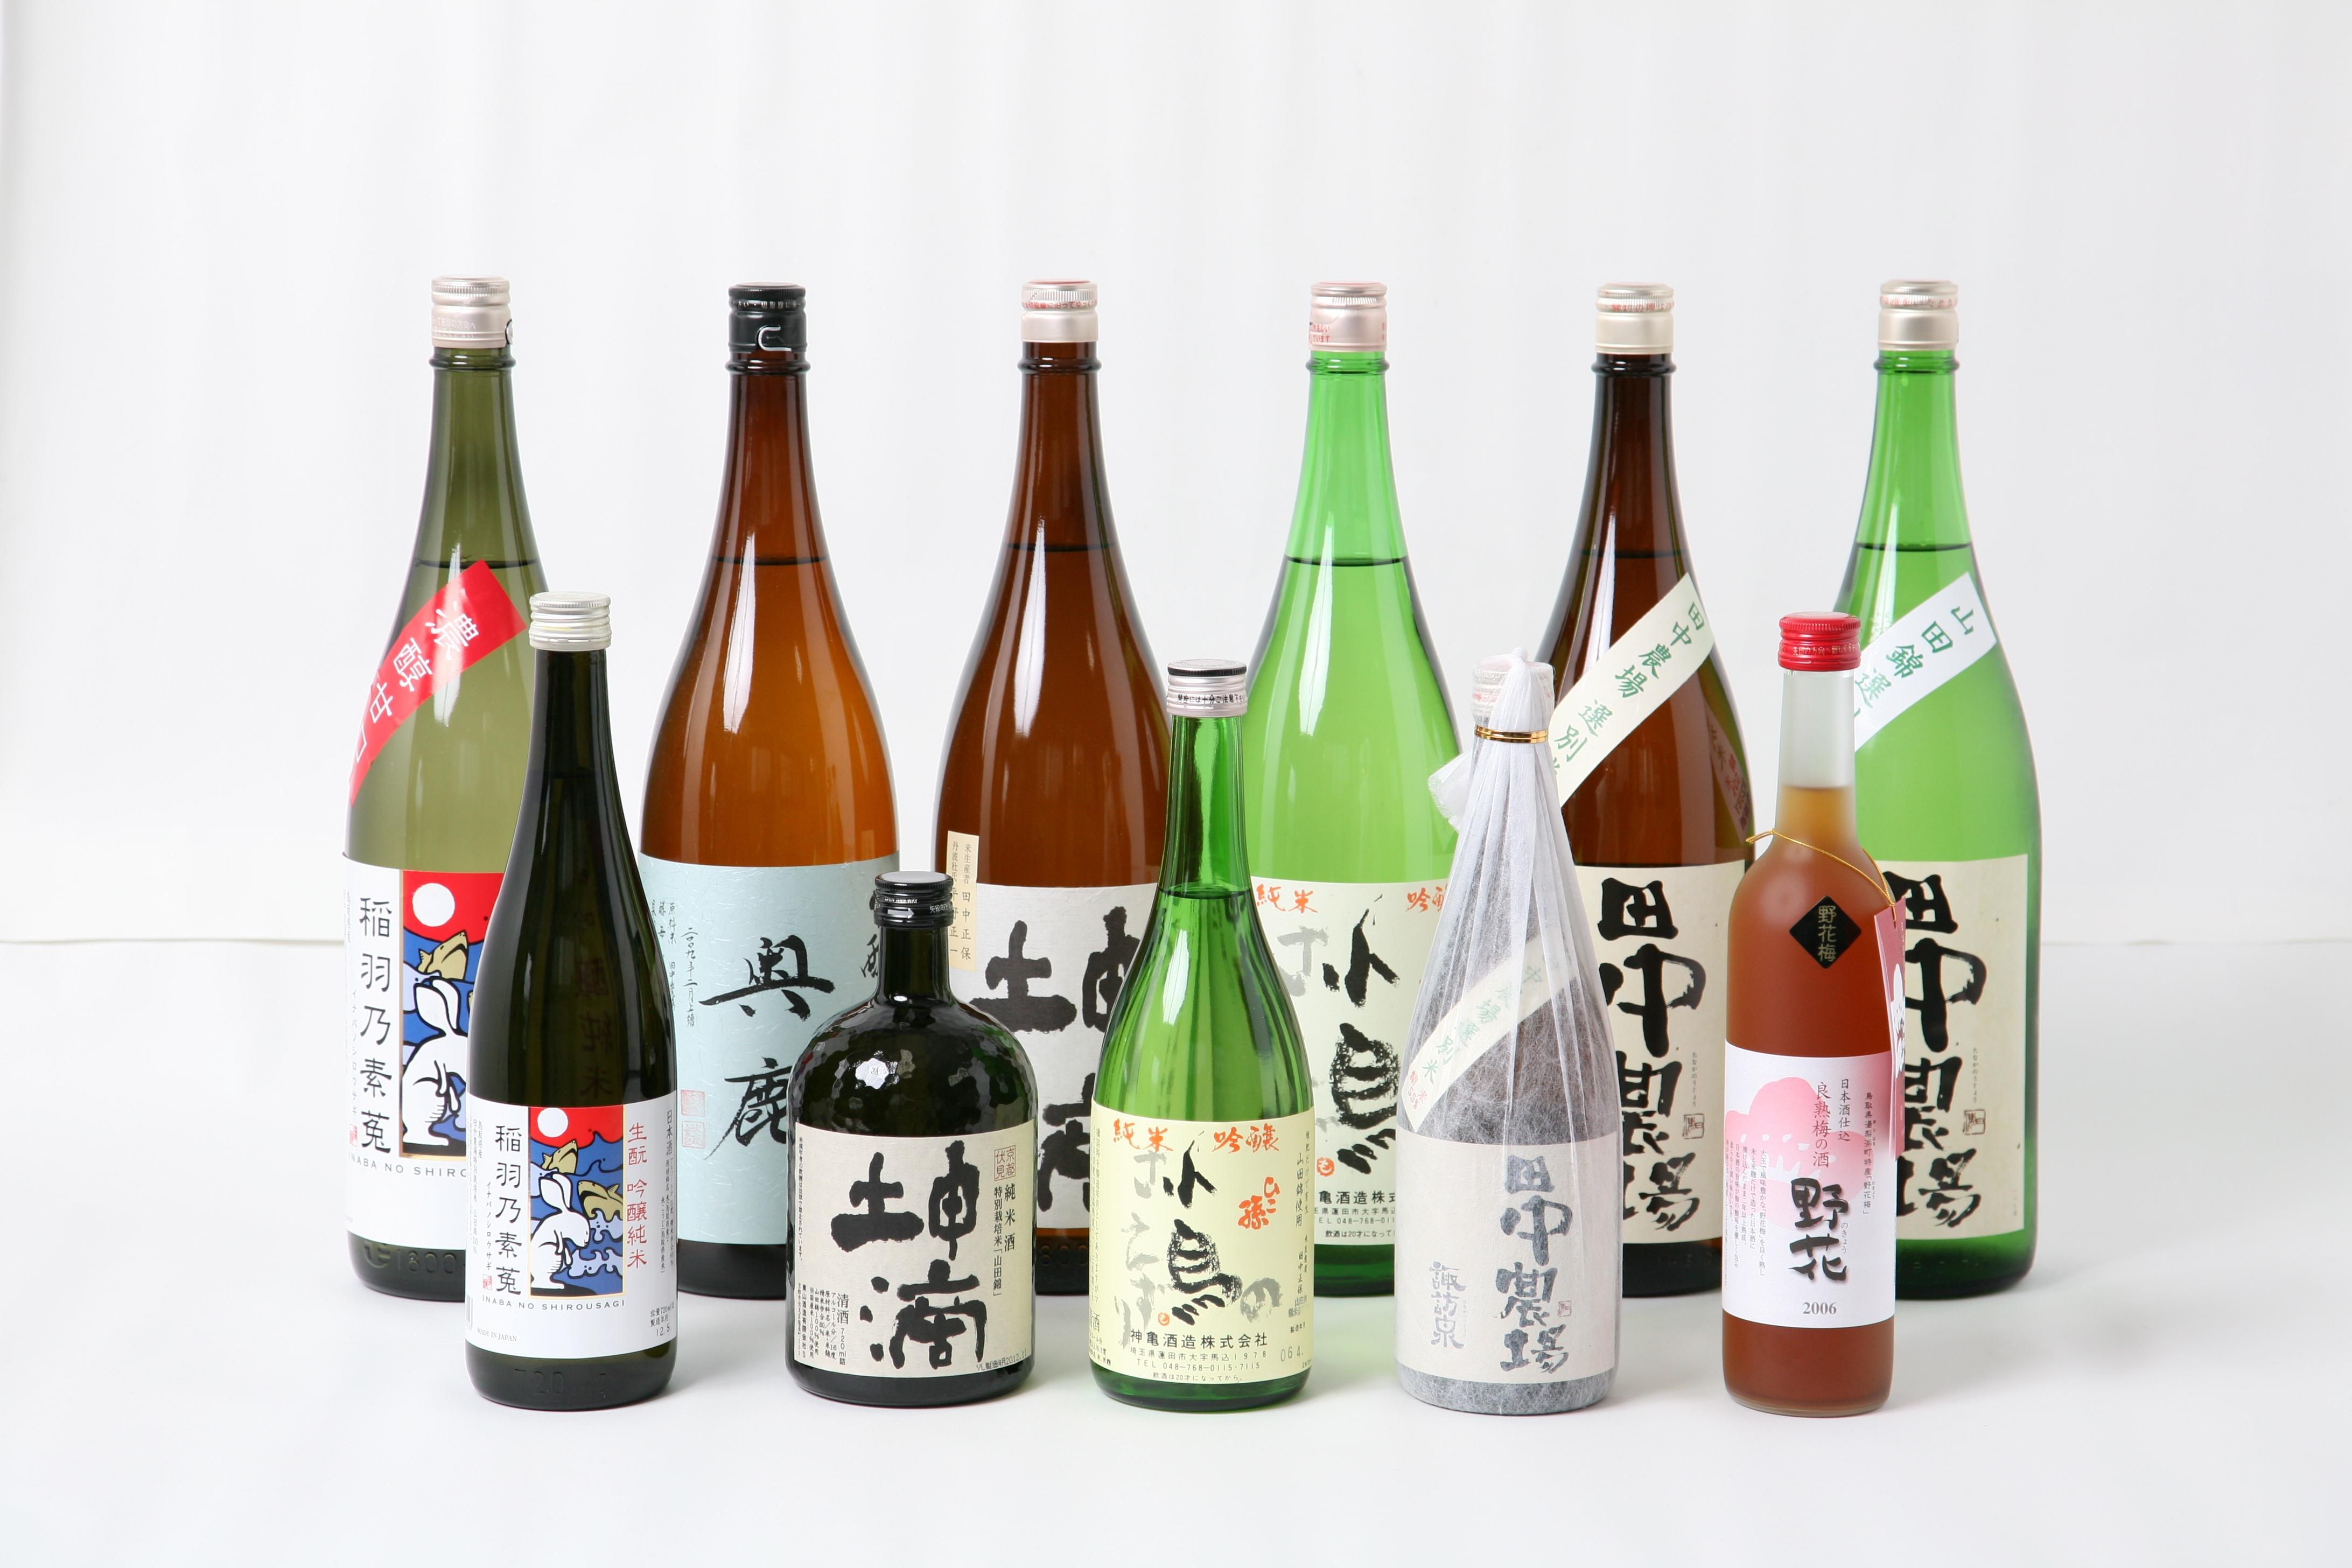 田中農場で販売している日本酒